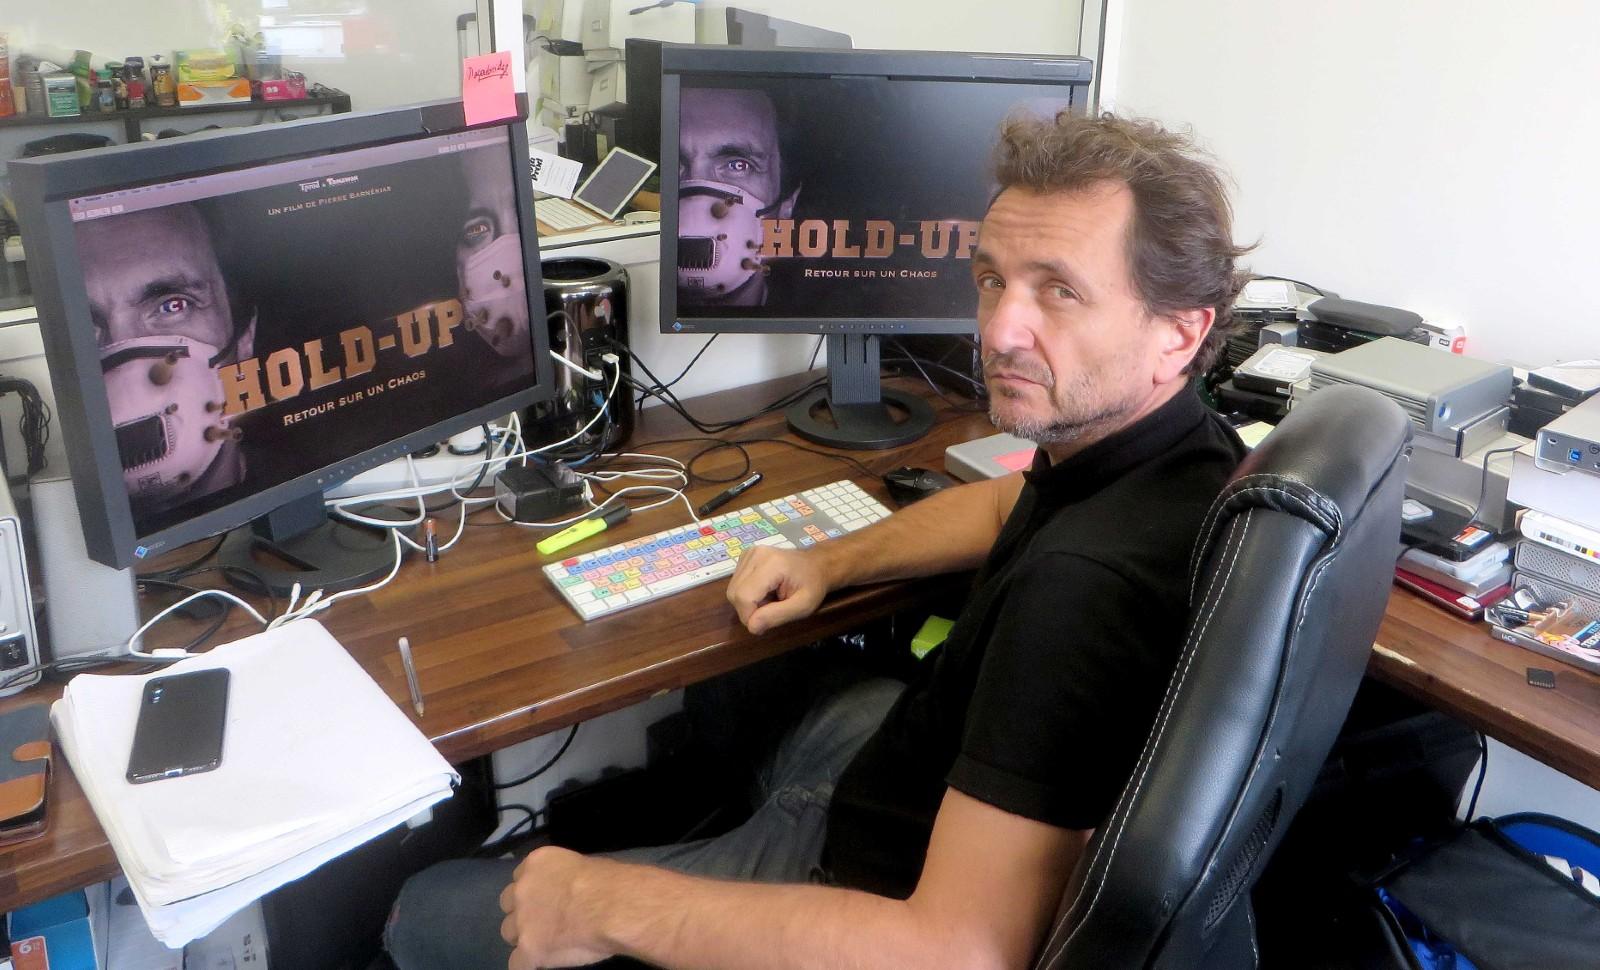 """Pierre Barnerias, realisateur du film """"HOLD UP"""" © AUDEBERT DIDIER/SIPA Numéro de reportage : 00991347_000001"""